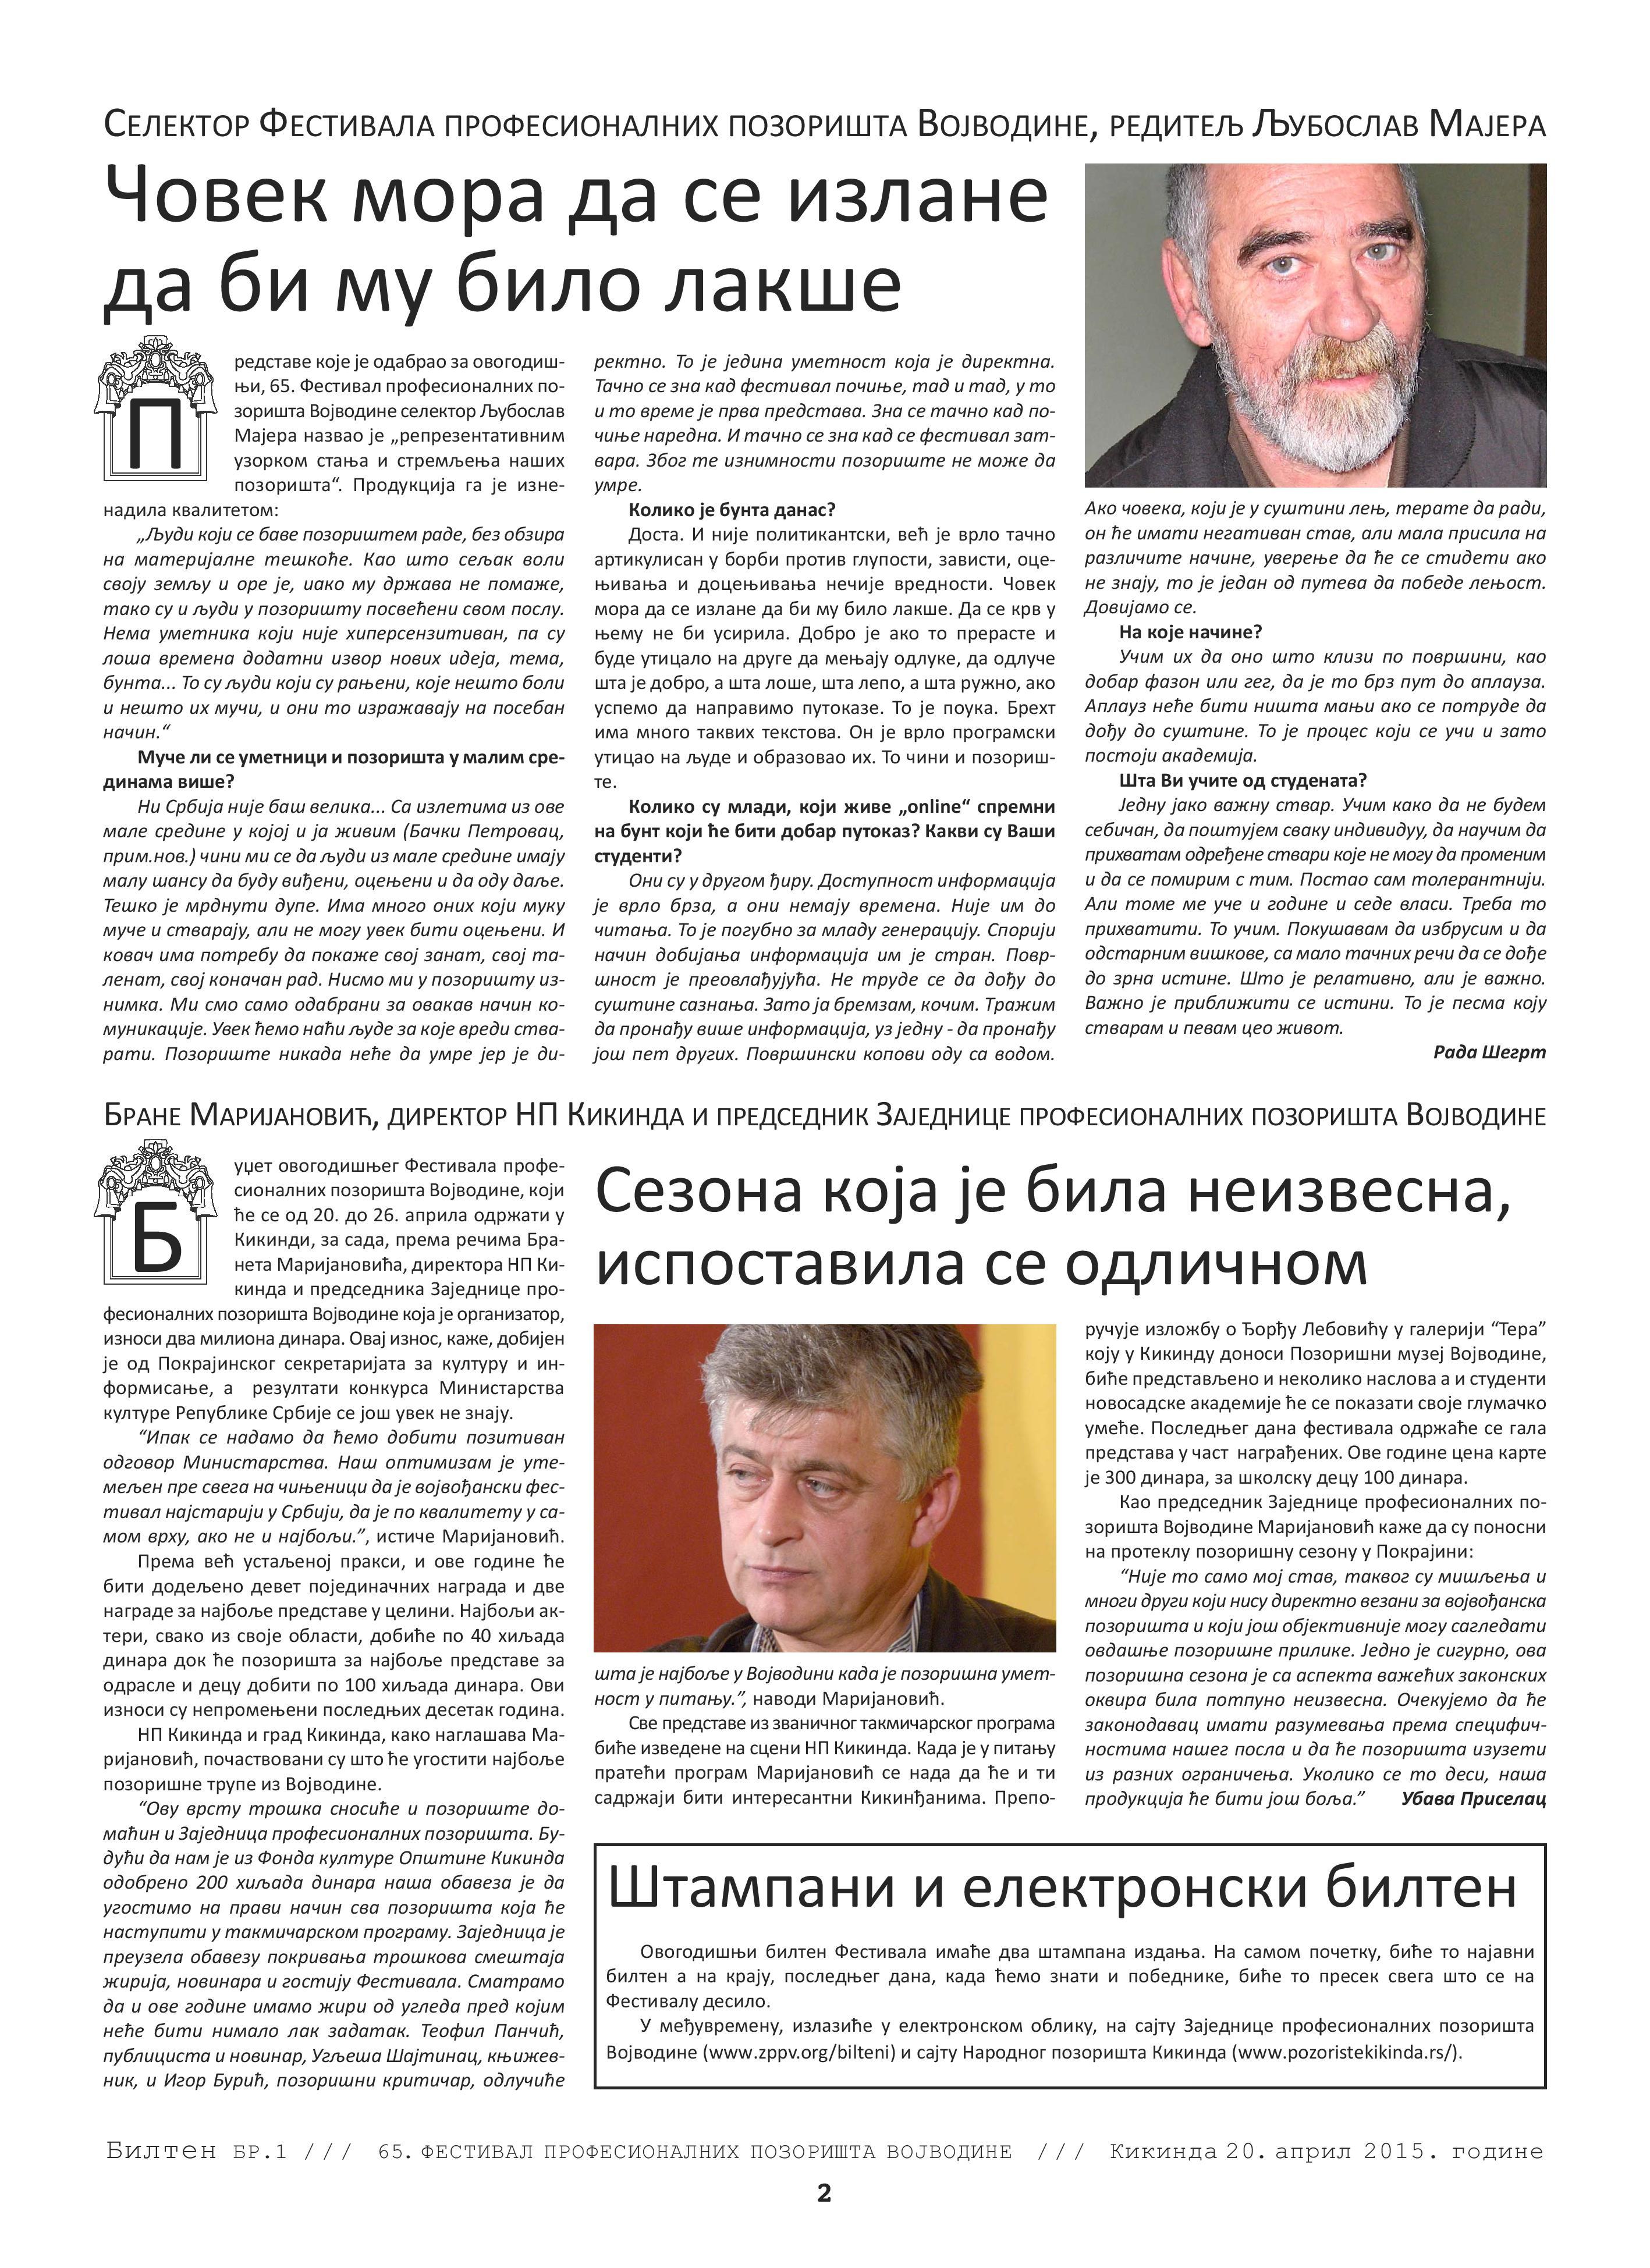 BILTEN_01_20 april_web-page-002